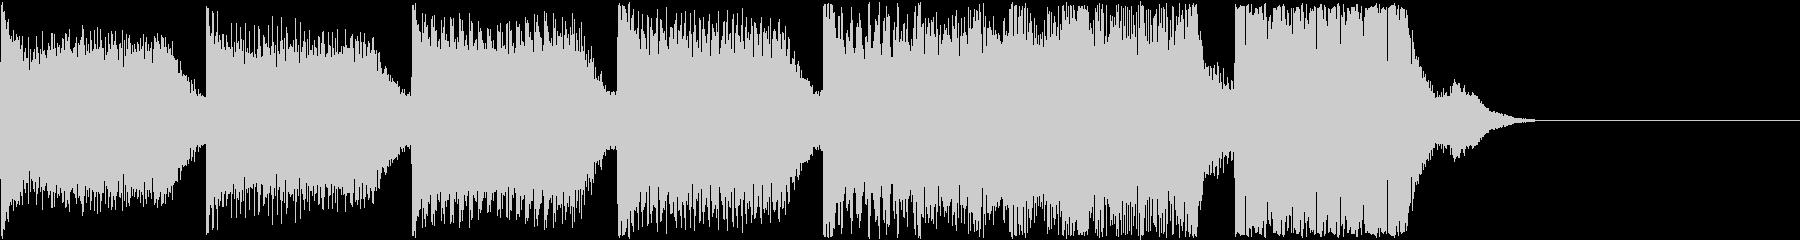 AI メカ/ロボ/マシン動作音 12の未再生の波形